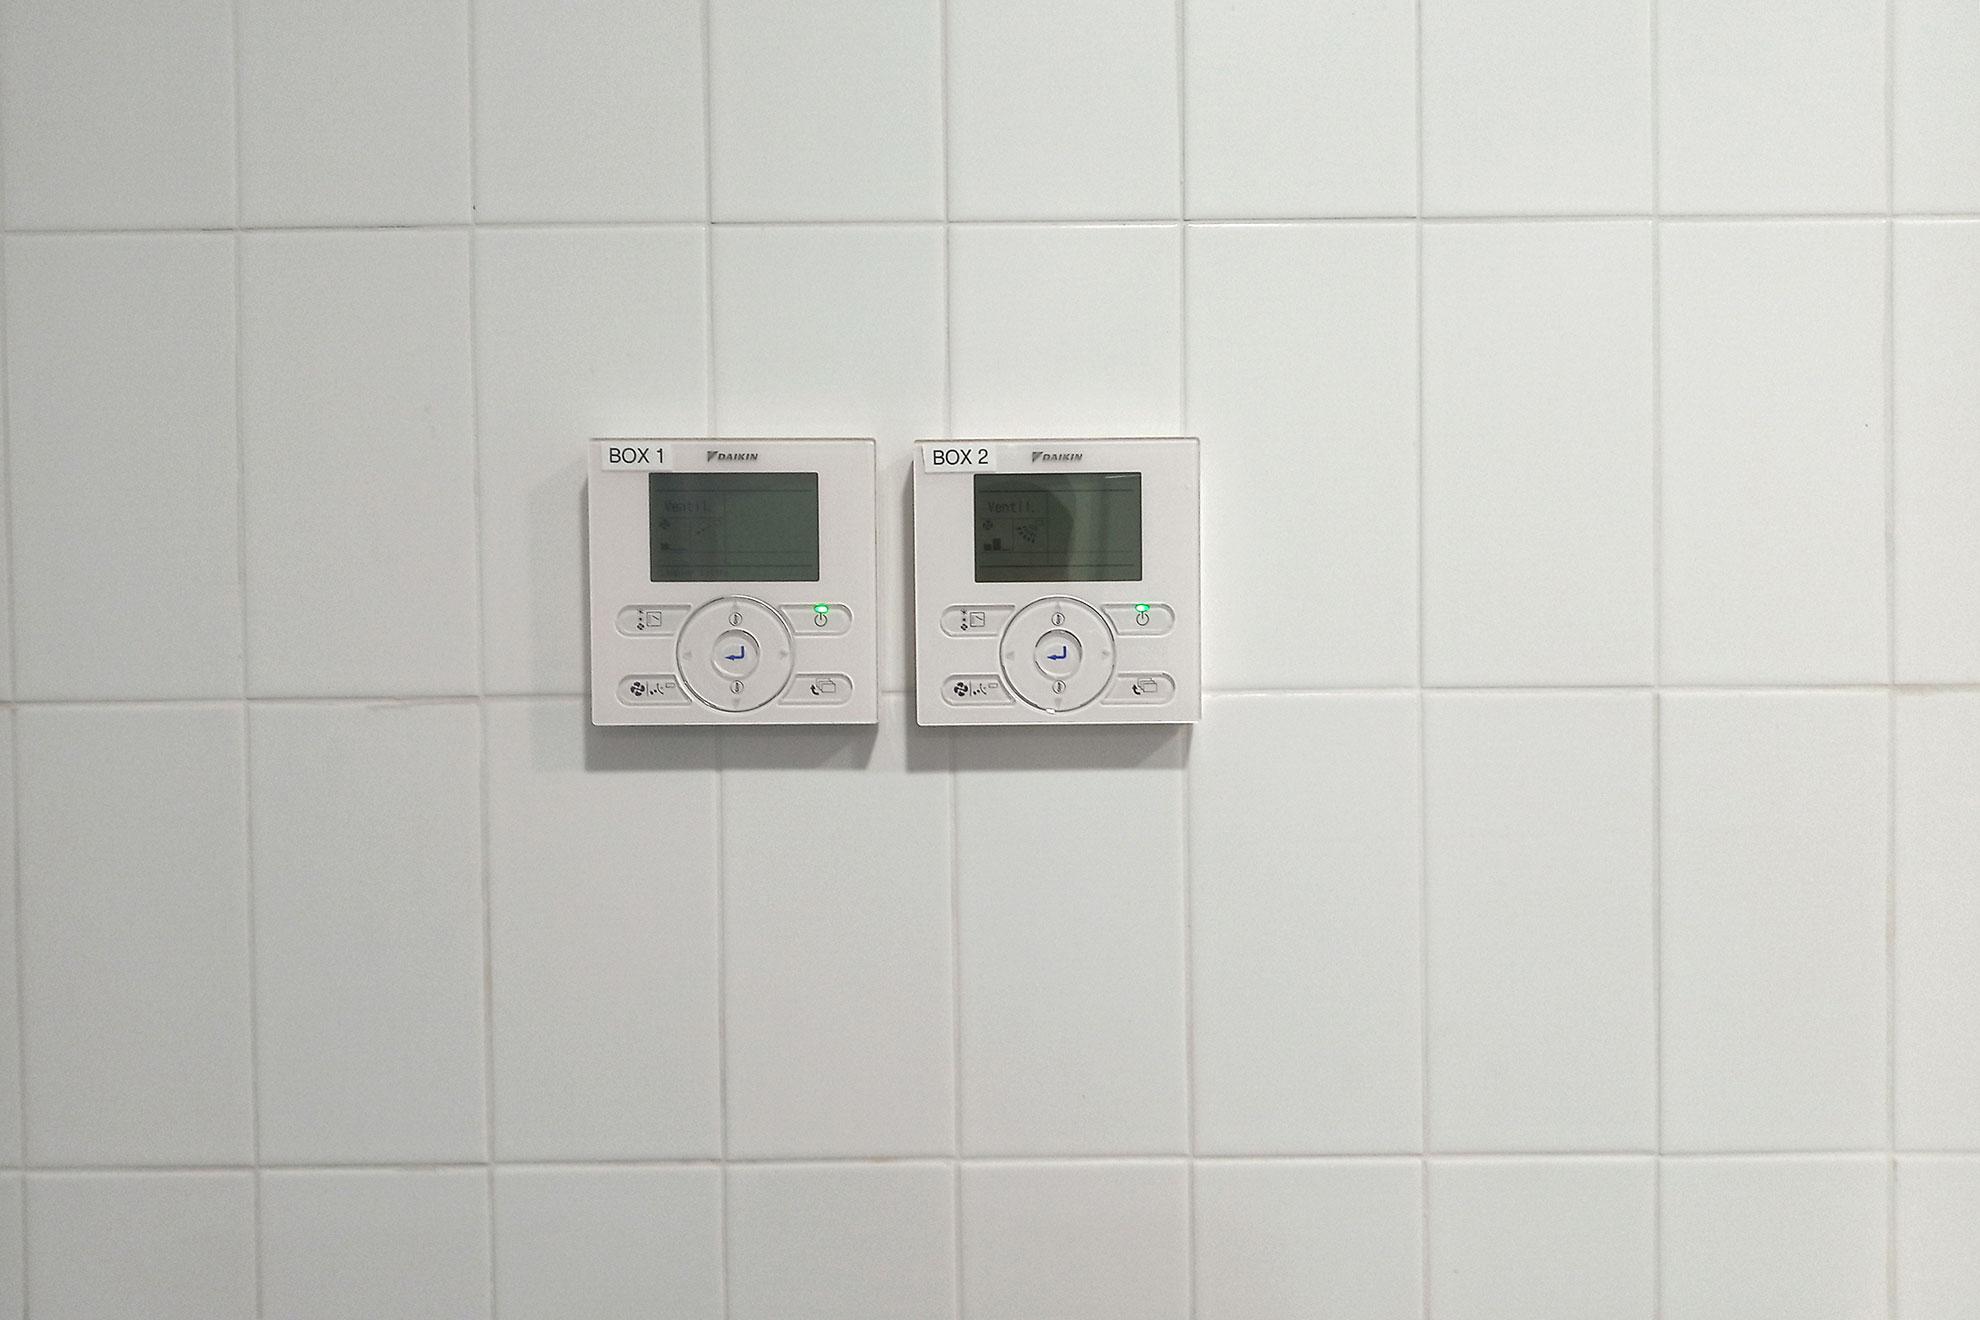 Regulador de temperatura ambiente del BOX 1 y 2 de la sala de urgencia de un hospital del barrio barcelones del raval, Barcelona, Cataluña, España, el lunes 16 de marzo. El gobierno español declaró el estado de alerta debido al brote de COVID19 el viernes 13.